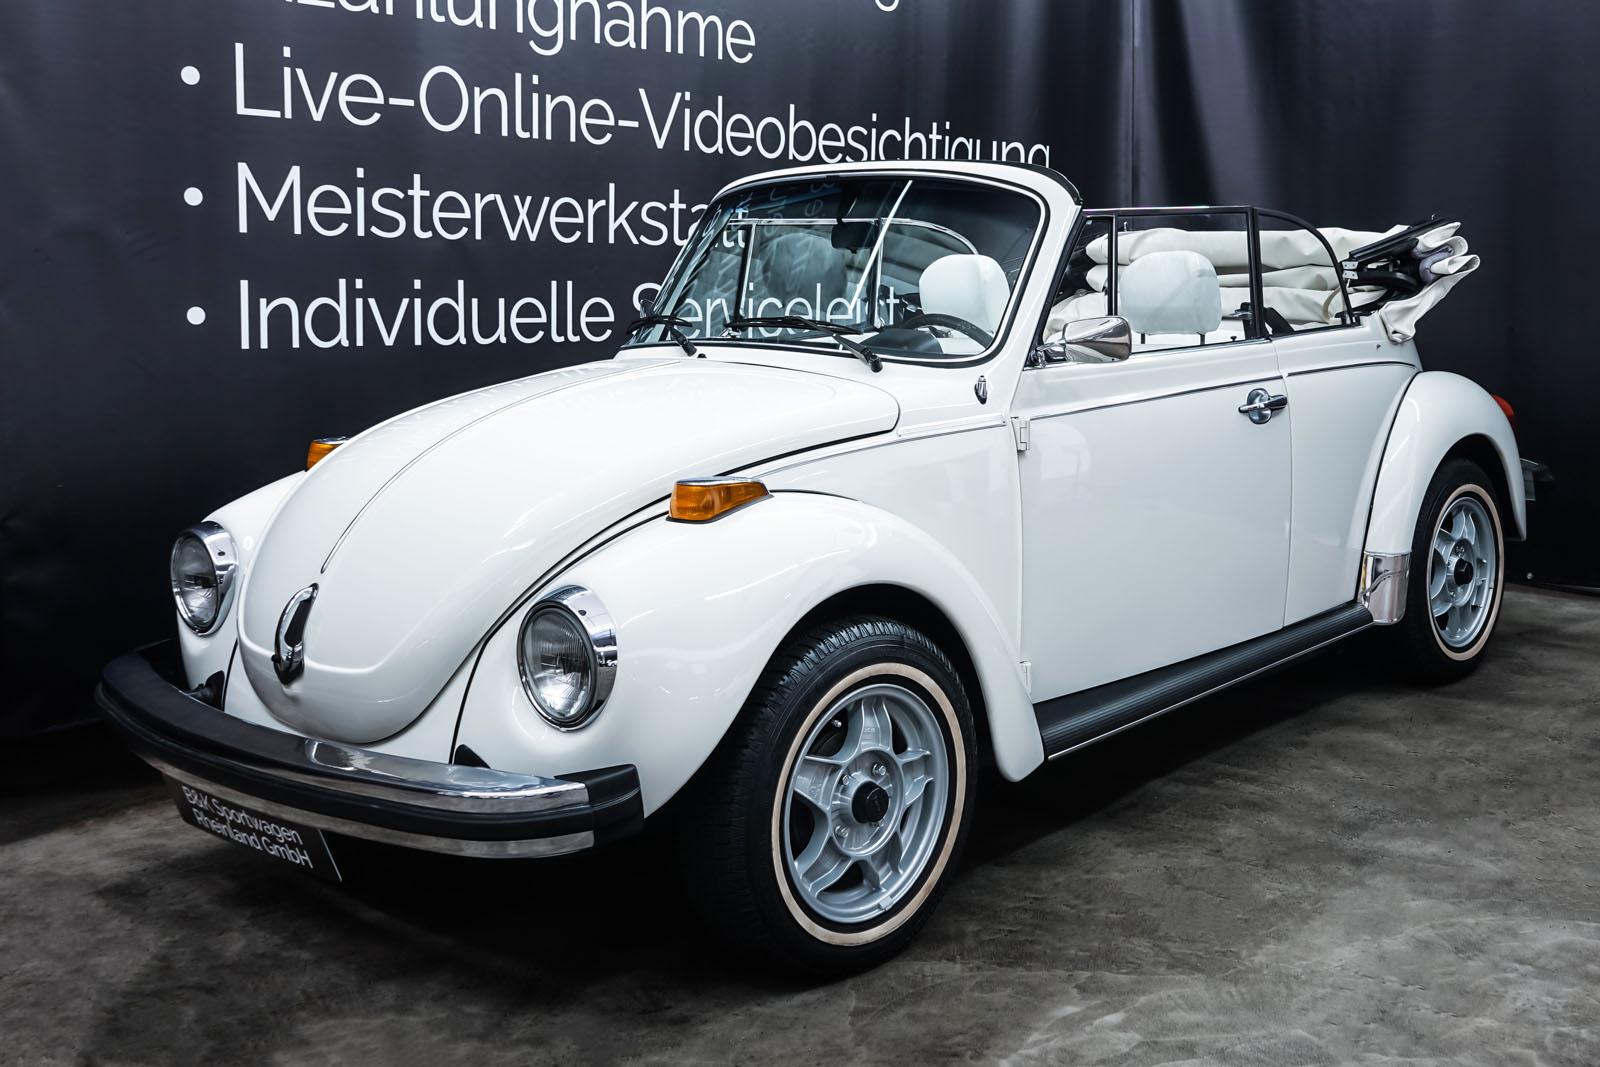 VW_Käfer_Cabrio_Weiß_Weiß_VW-3481_7_w